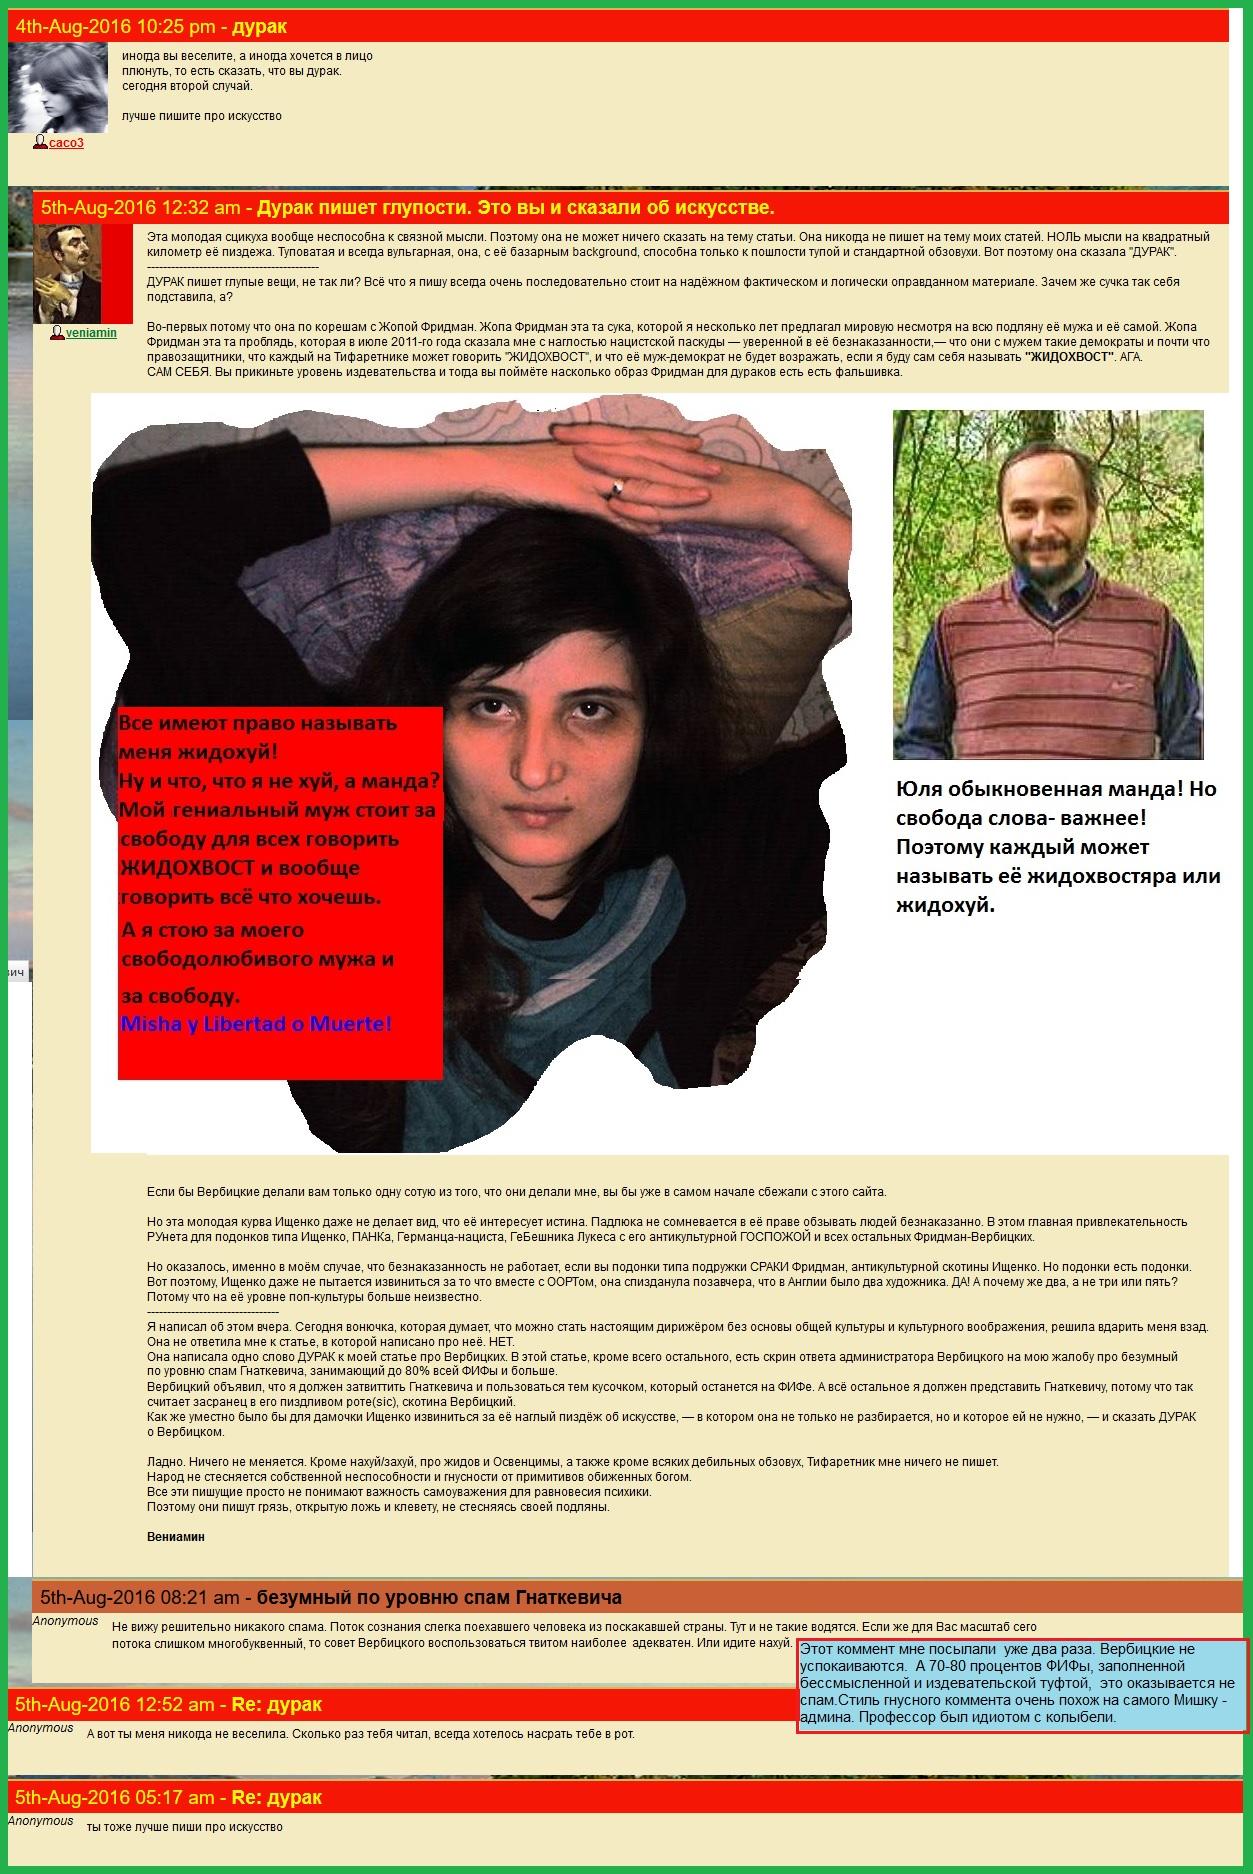 Рабочие Прокси Италия Под Брут Яндекс: прокси под спам по